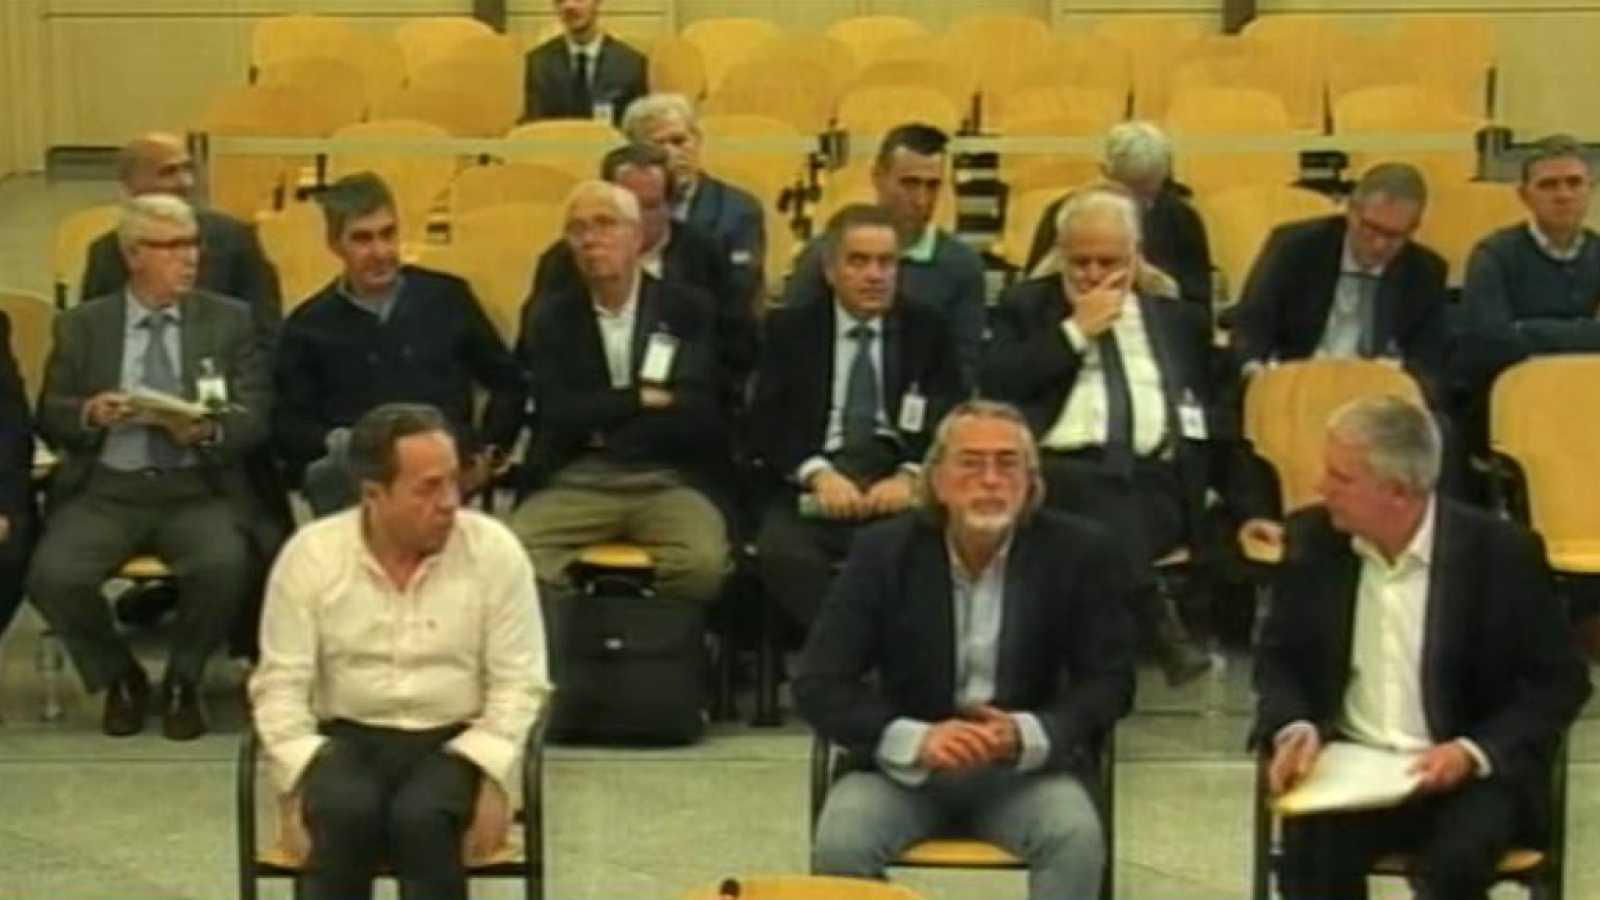 L'Informatiu - Comunitat Valenciana 2 - 25/11/20 - ver ahora